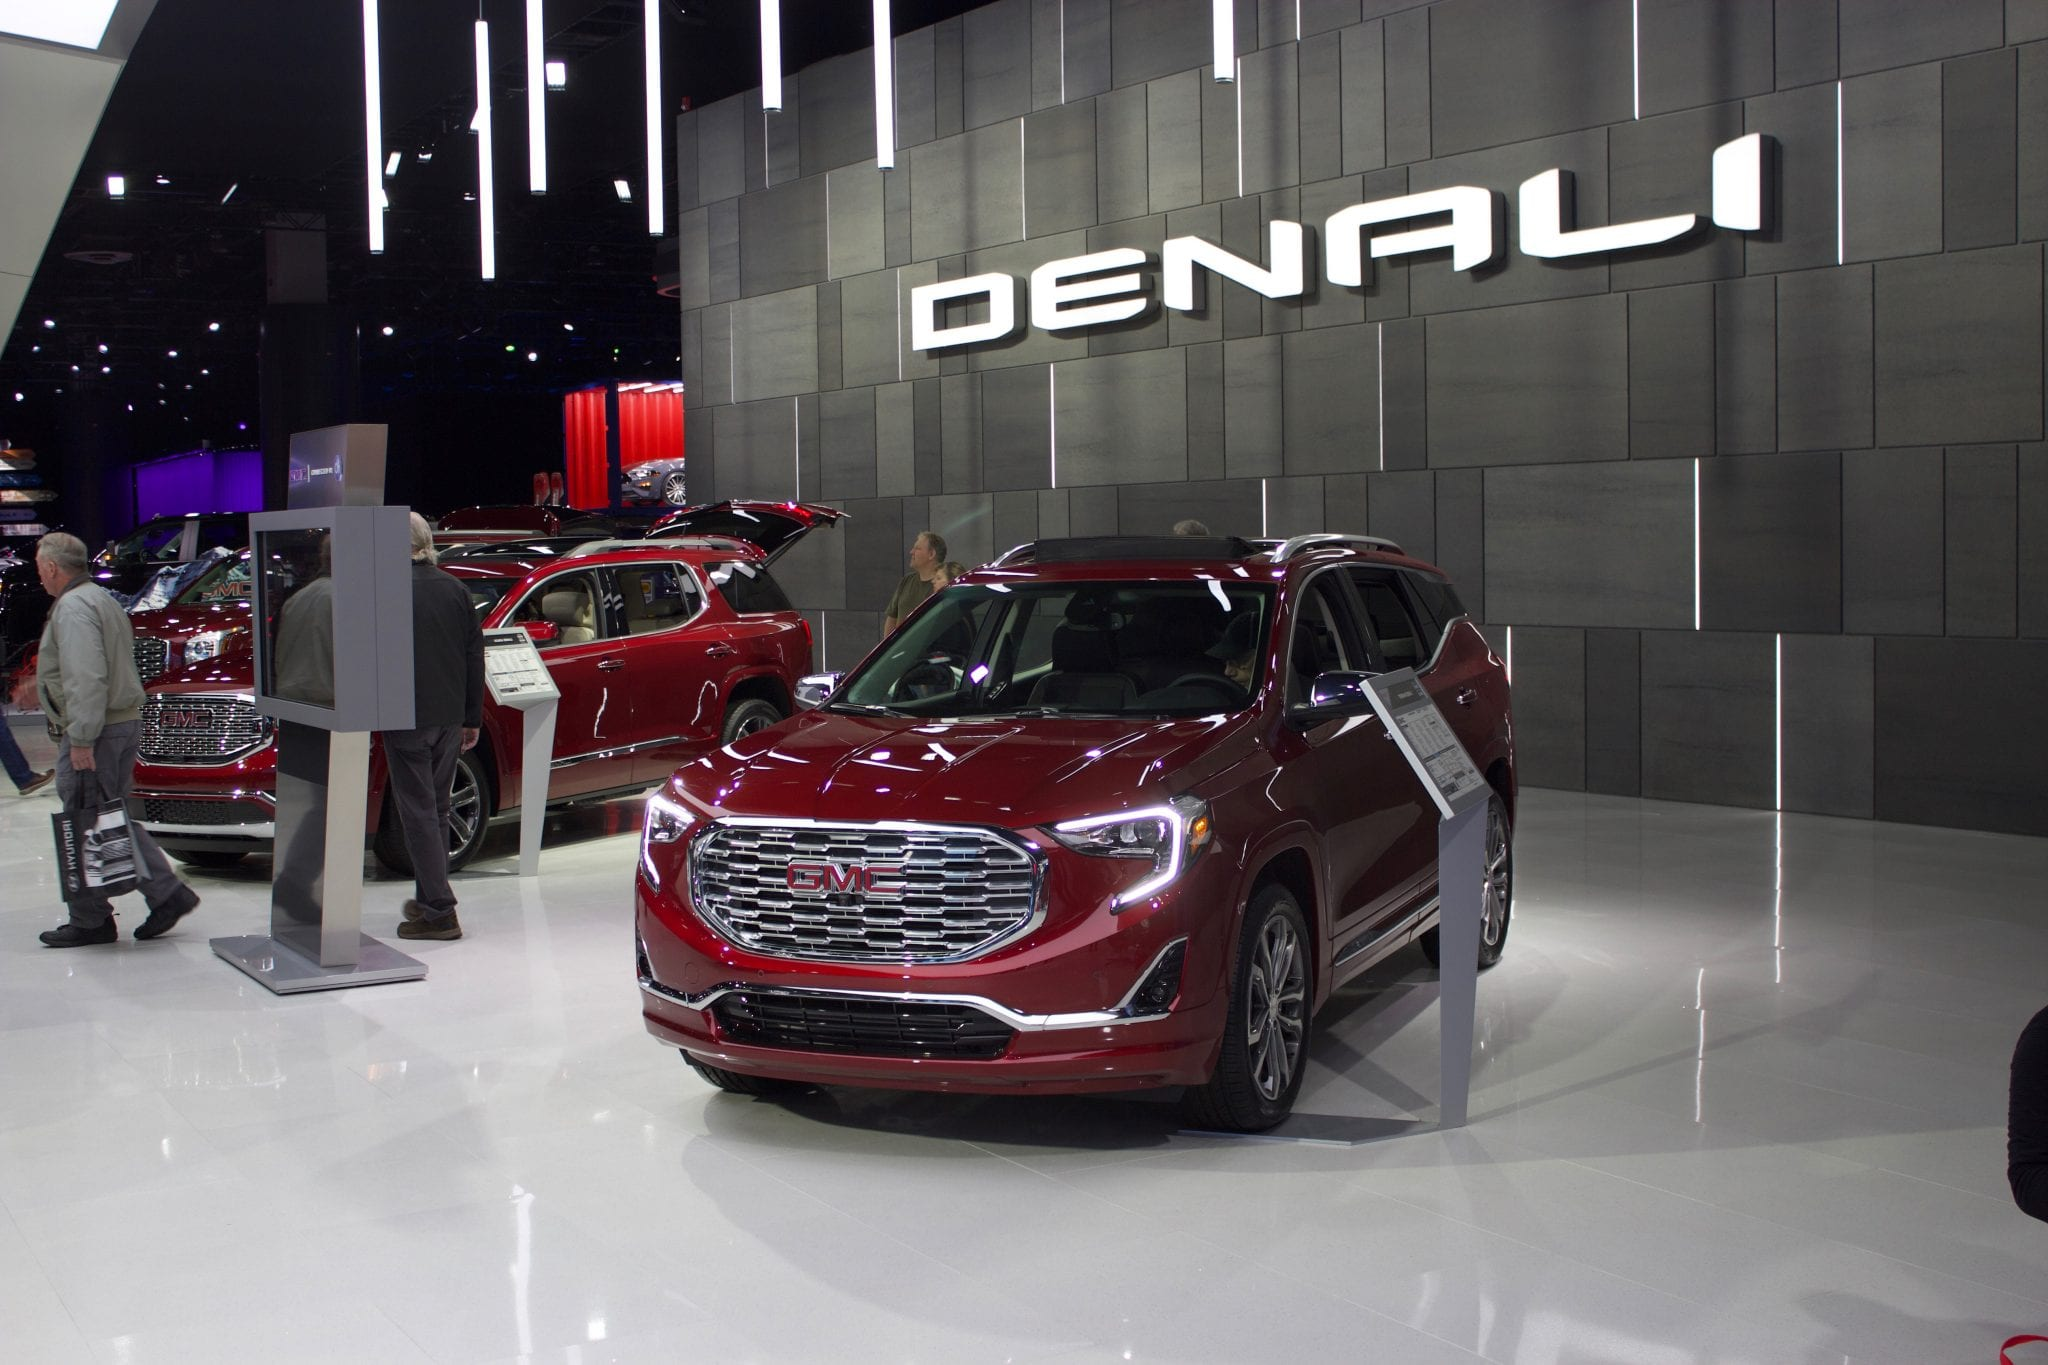 North American Auto Show in Detroit, Michigan